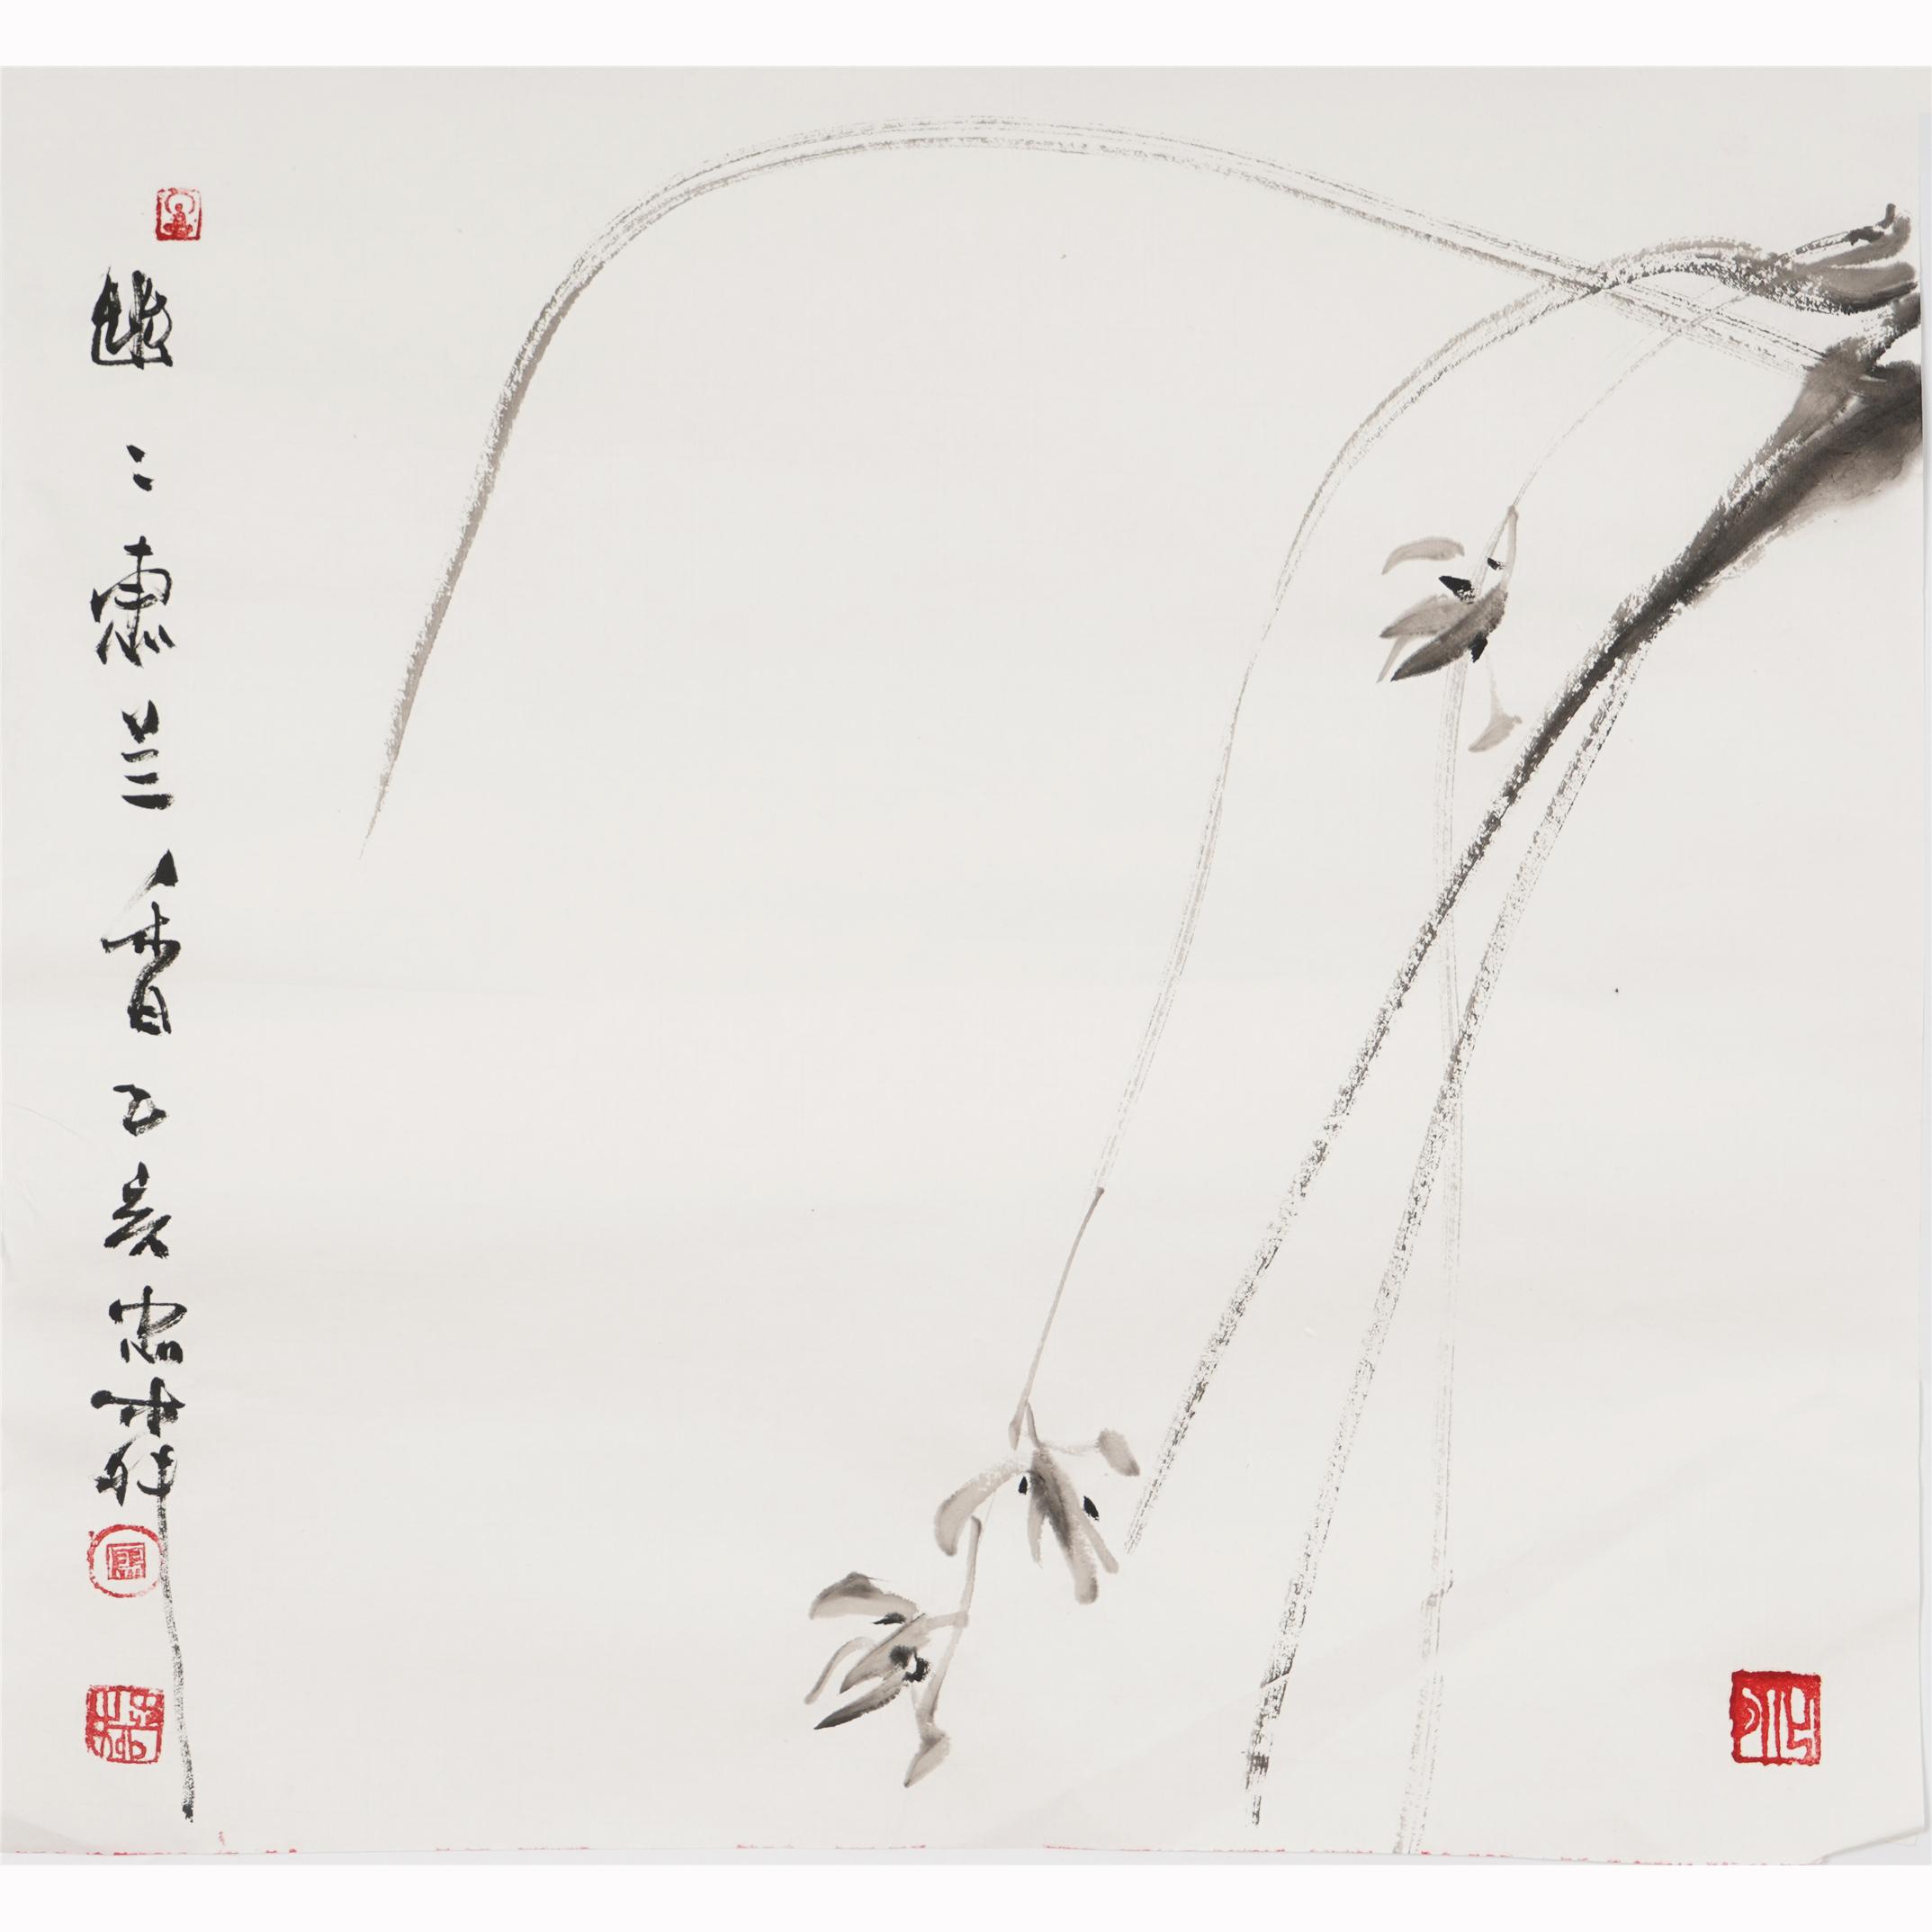 廖忠柳真跡00009中式客廳字畫三尺斗方水墨畫花鳥畫手繪禪意國畫